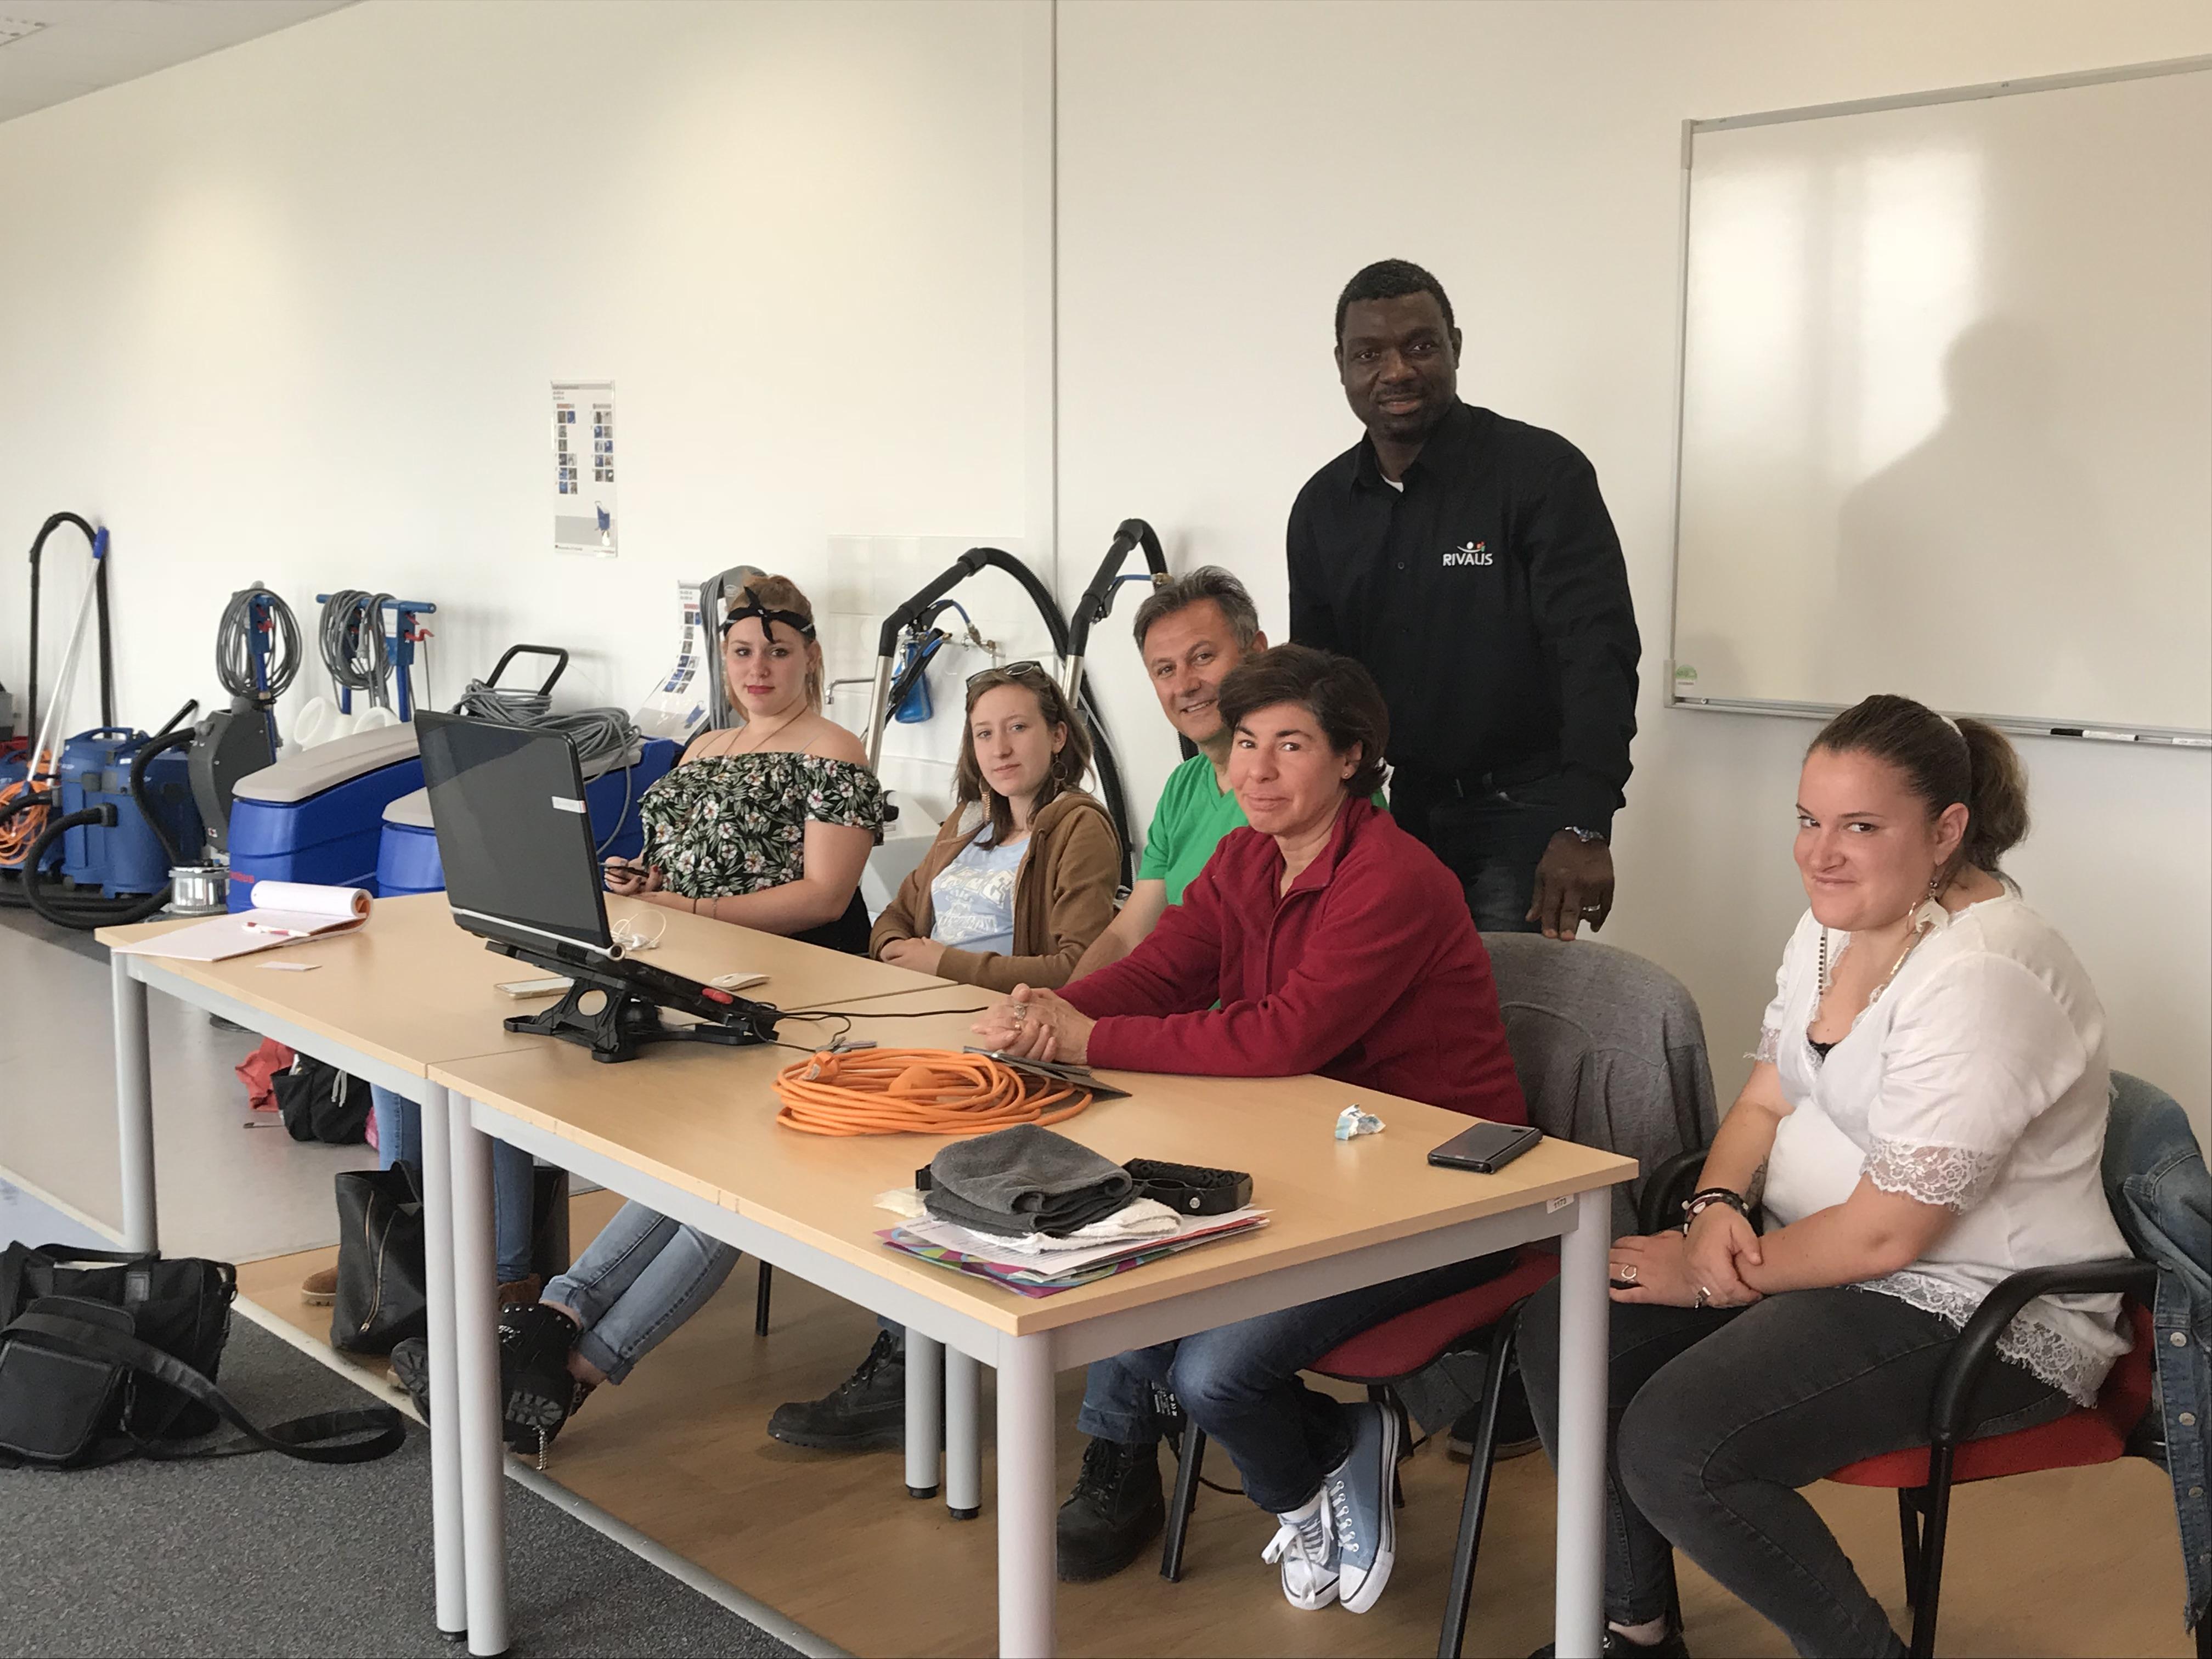 Avec les stagiaires préparant le diplôme de technicien de surface, en compagnie de leur professeur, M. JM Sanchez